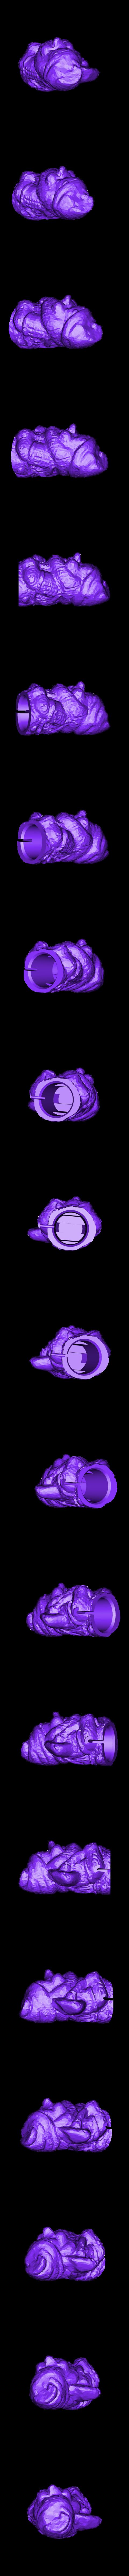 gnome_walker.stl Download free STL file Walkers • Design to 3D print, FunnyJohnnyPrinter